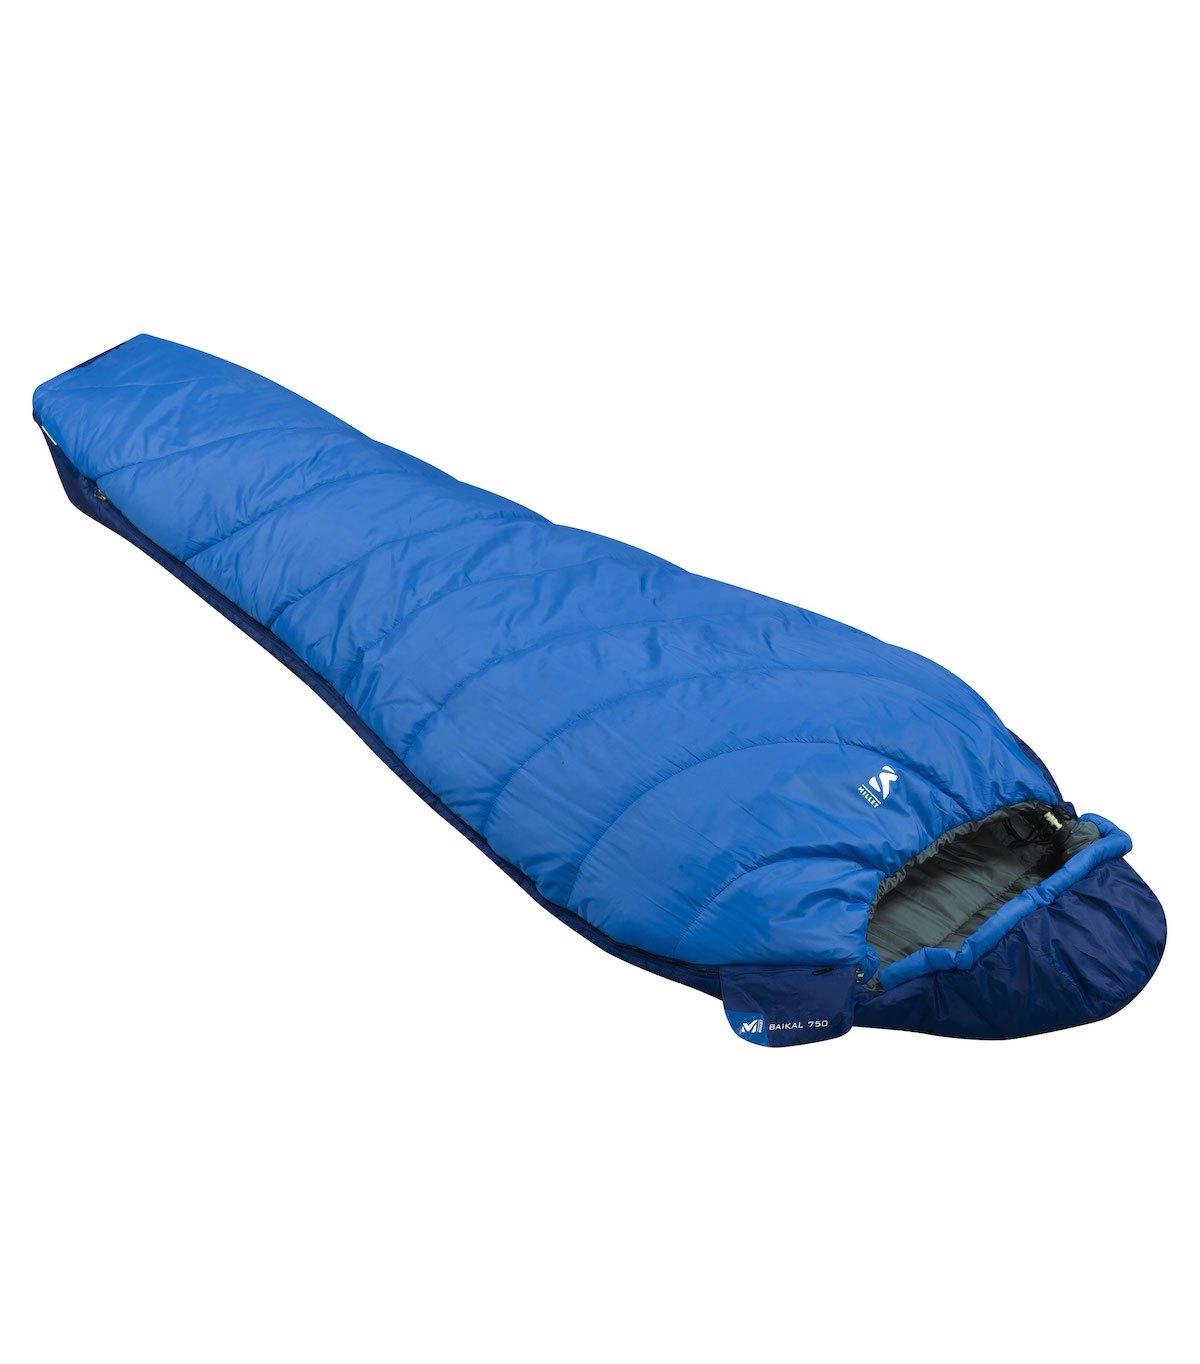 Millet Baikal 750 Long - Schlafsack